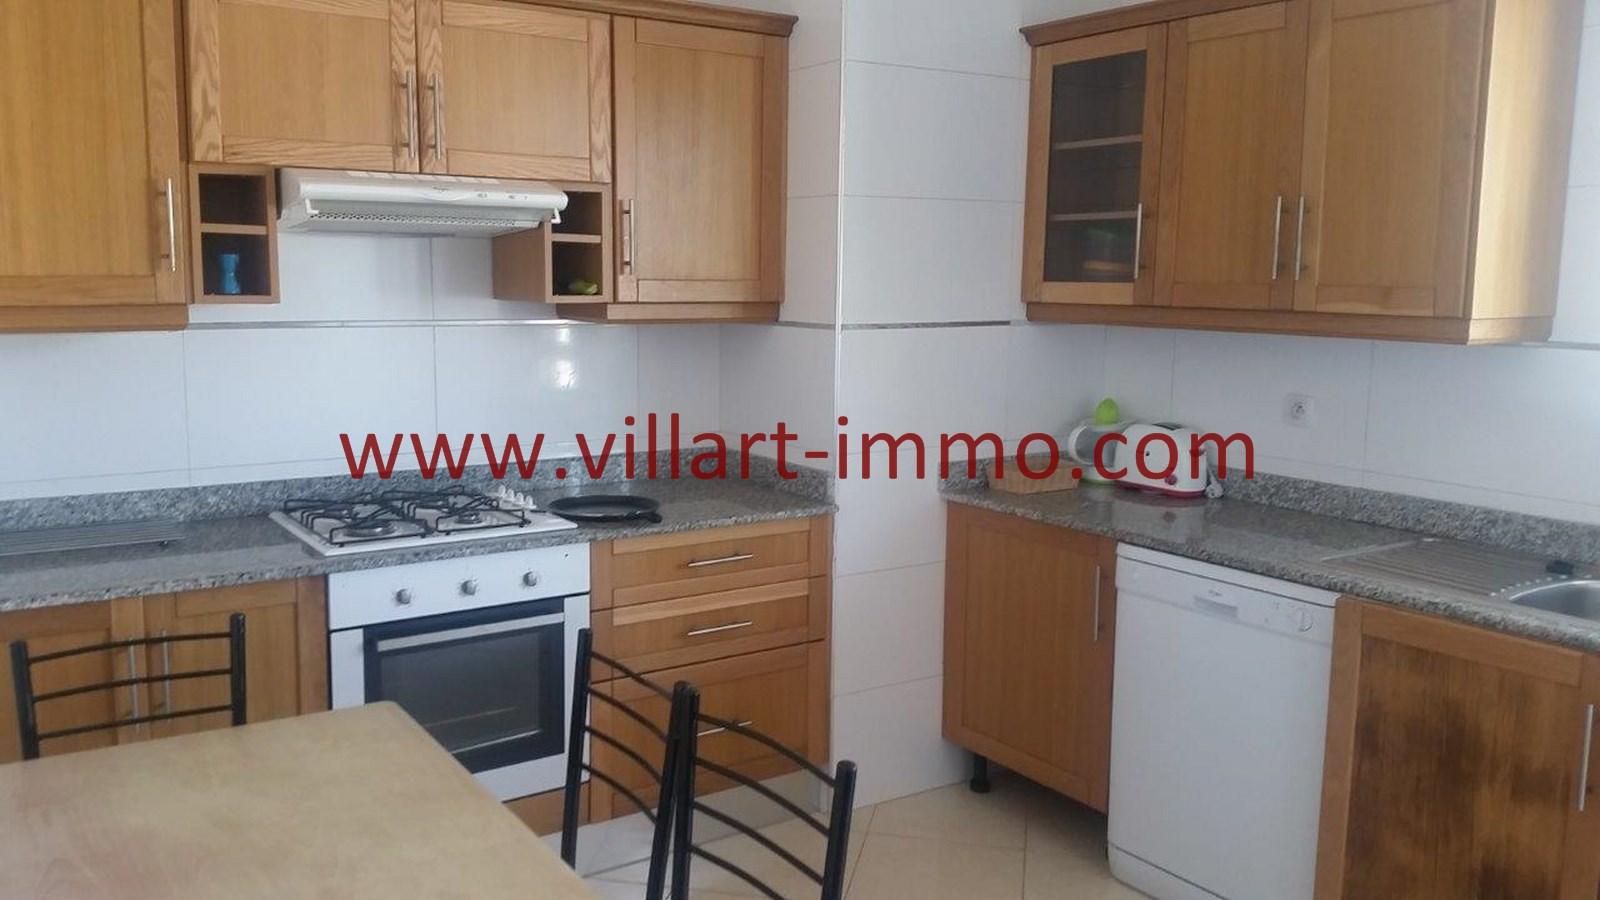 4-A louer-Appartement-Meublé-Tanger-Cuisine-L911-Villart immo